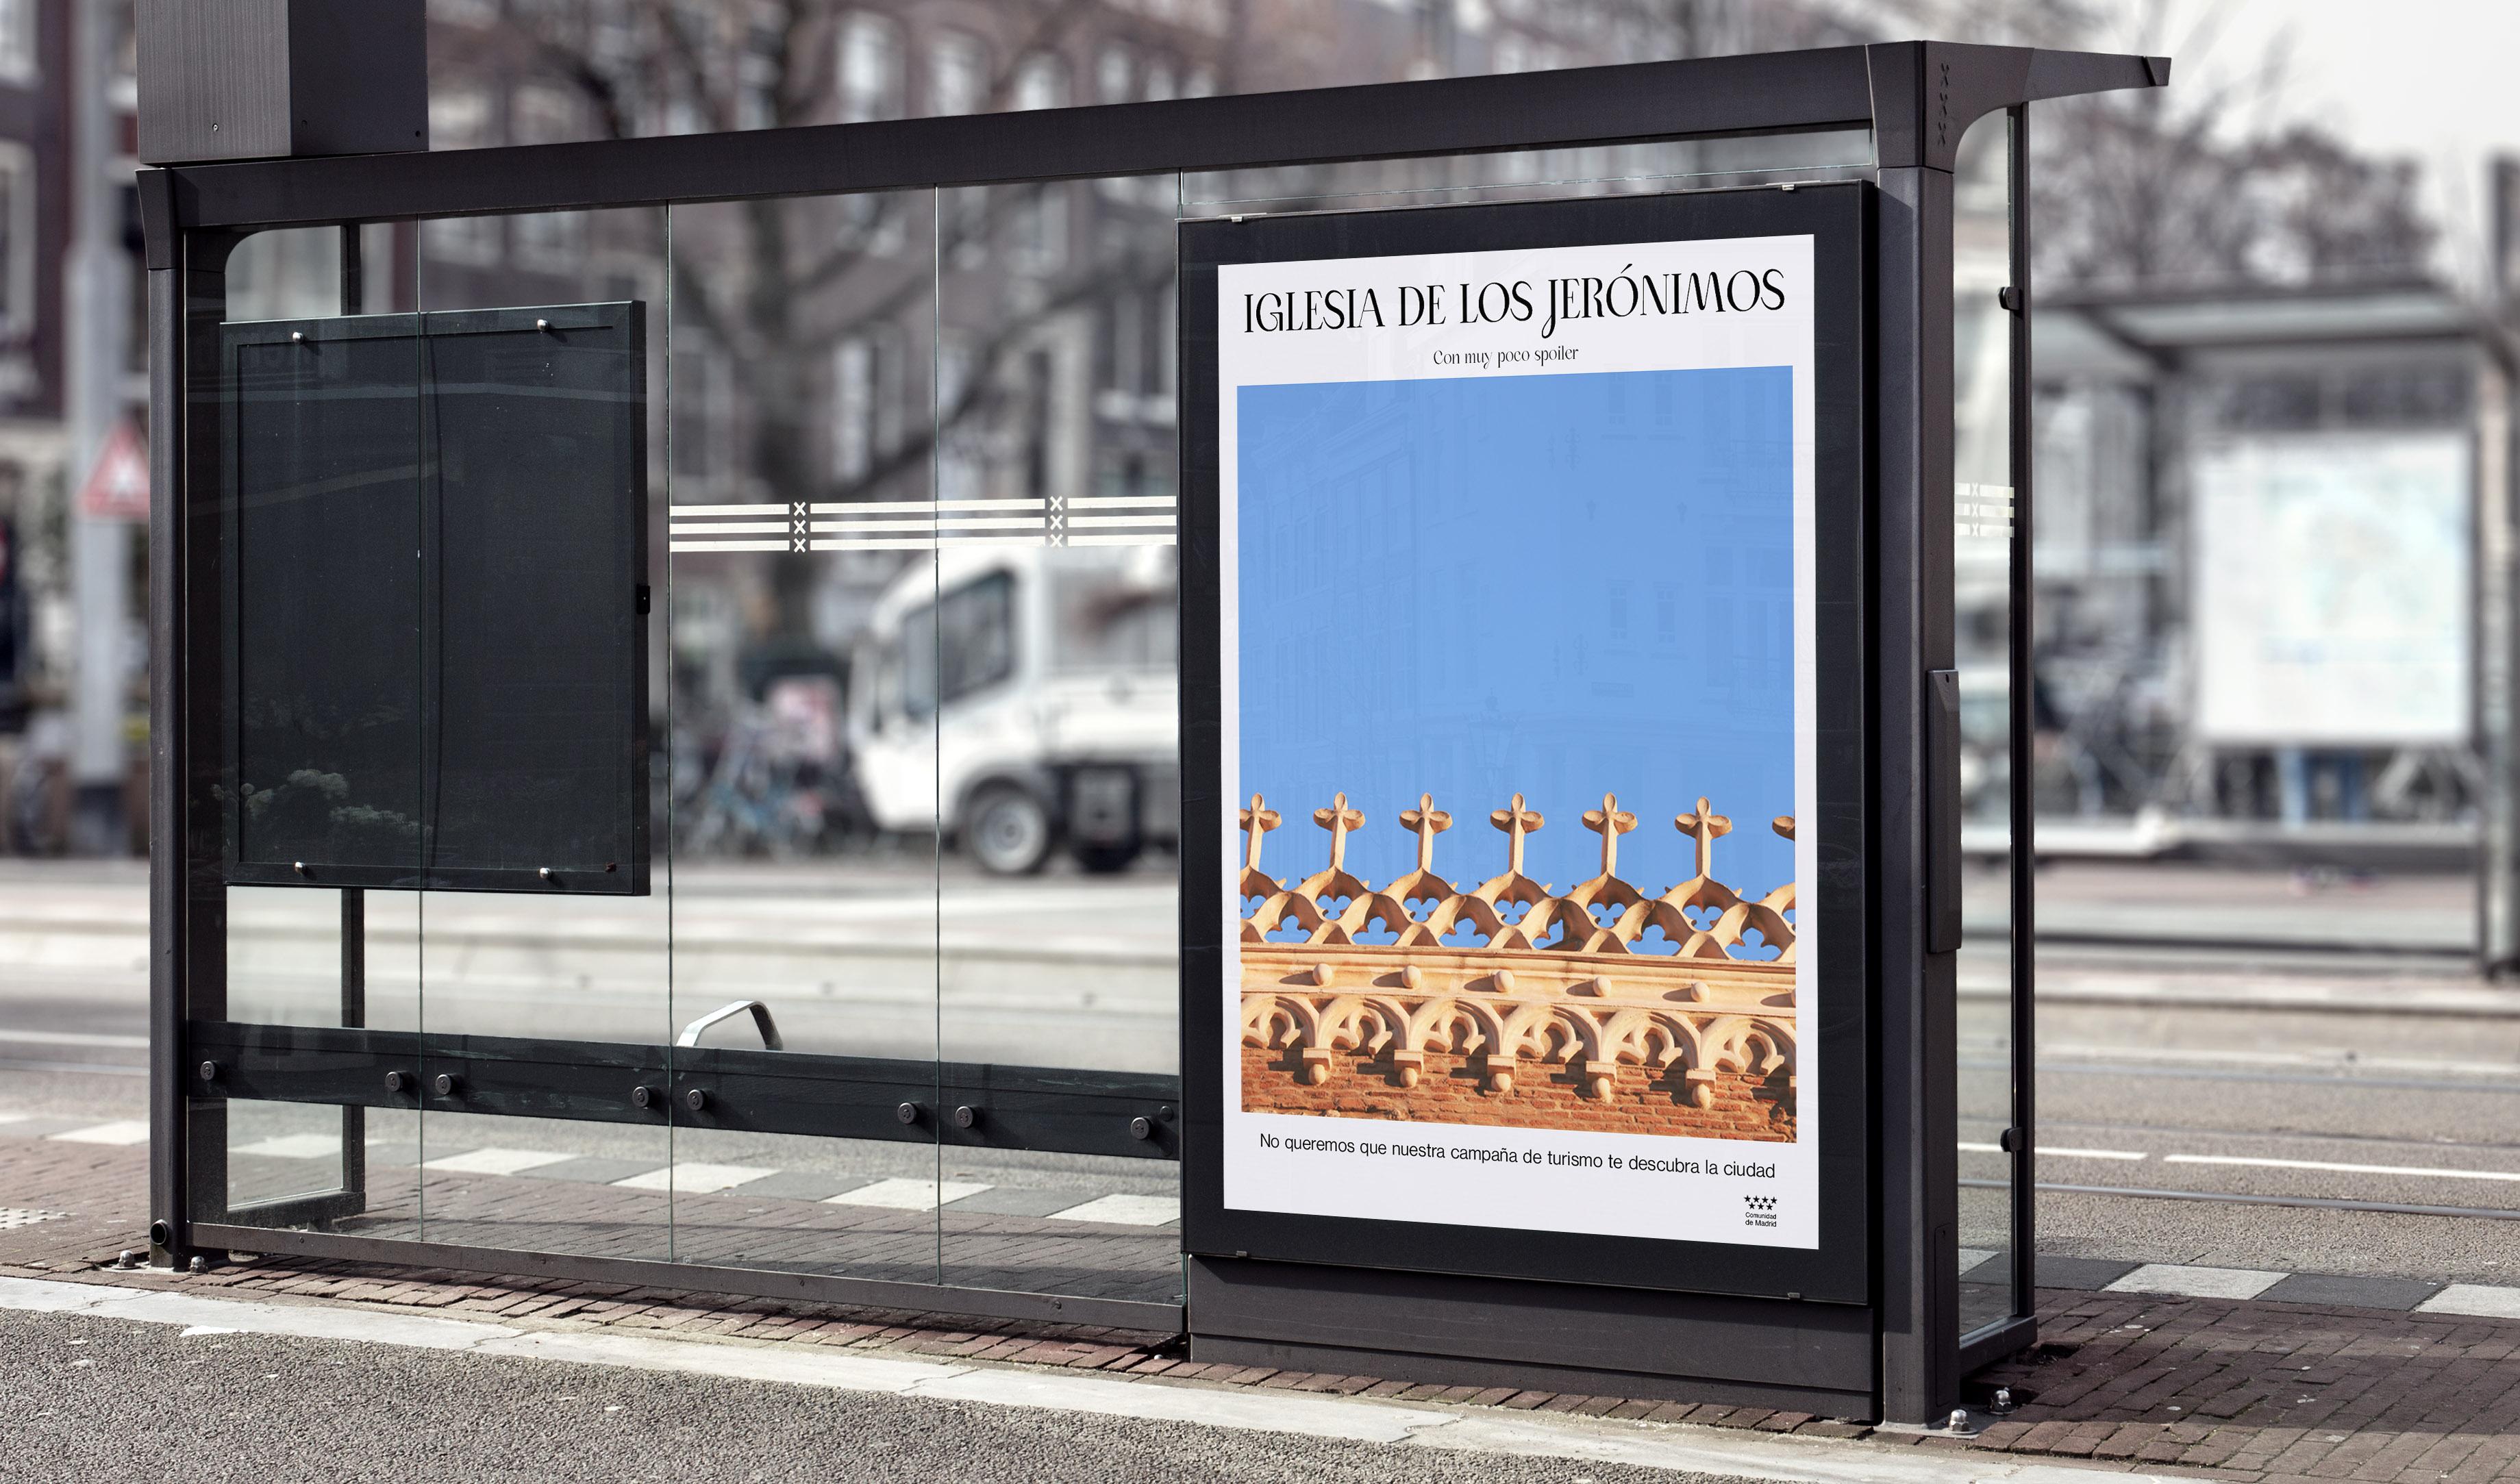 Madrid con muy poco spoiler by Sergio del Hierro y Elena Casas - Creative Work